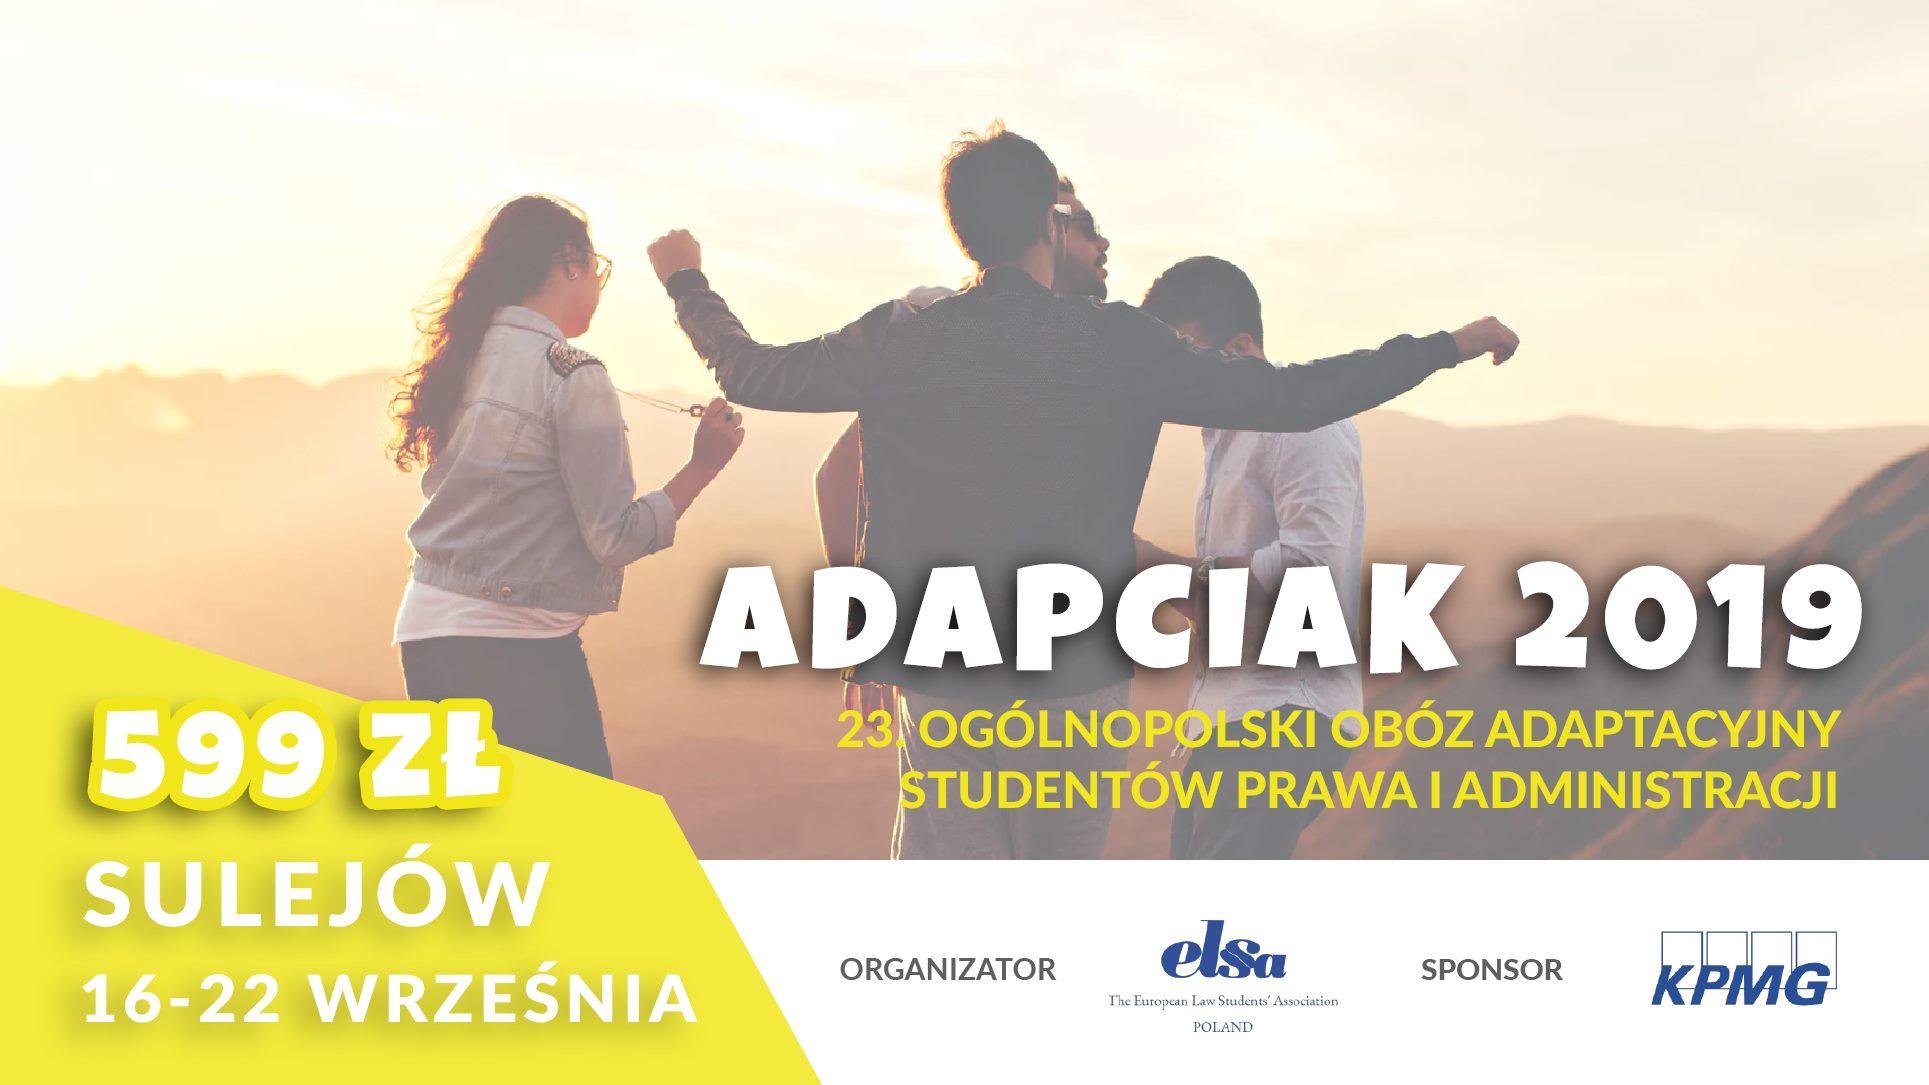 """23. Ogólnopolski Obóz Adaptacyjny Studentów Prawa i Administracji – """"Adapciak 2019"""""""